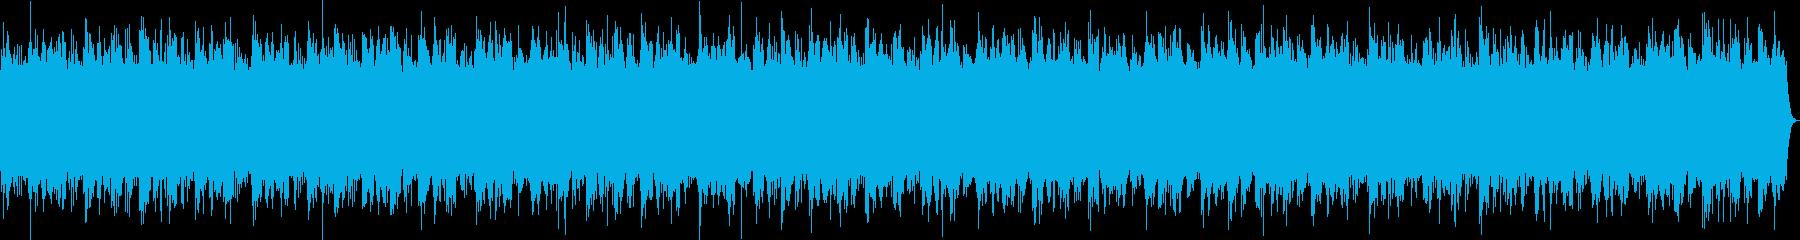 ヒーリング・ヨガ・リラックスの再生済みの波形